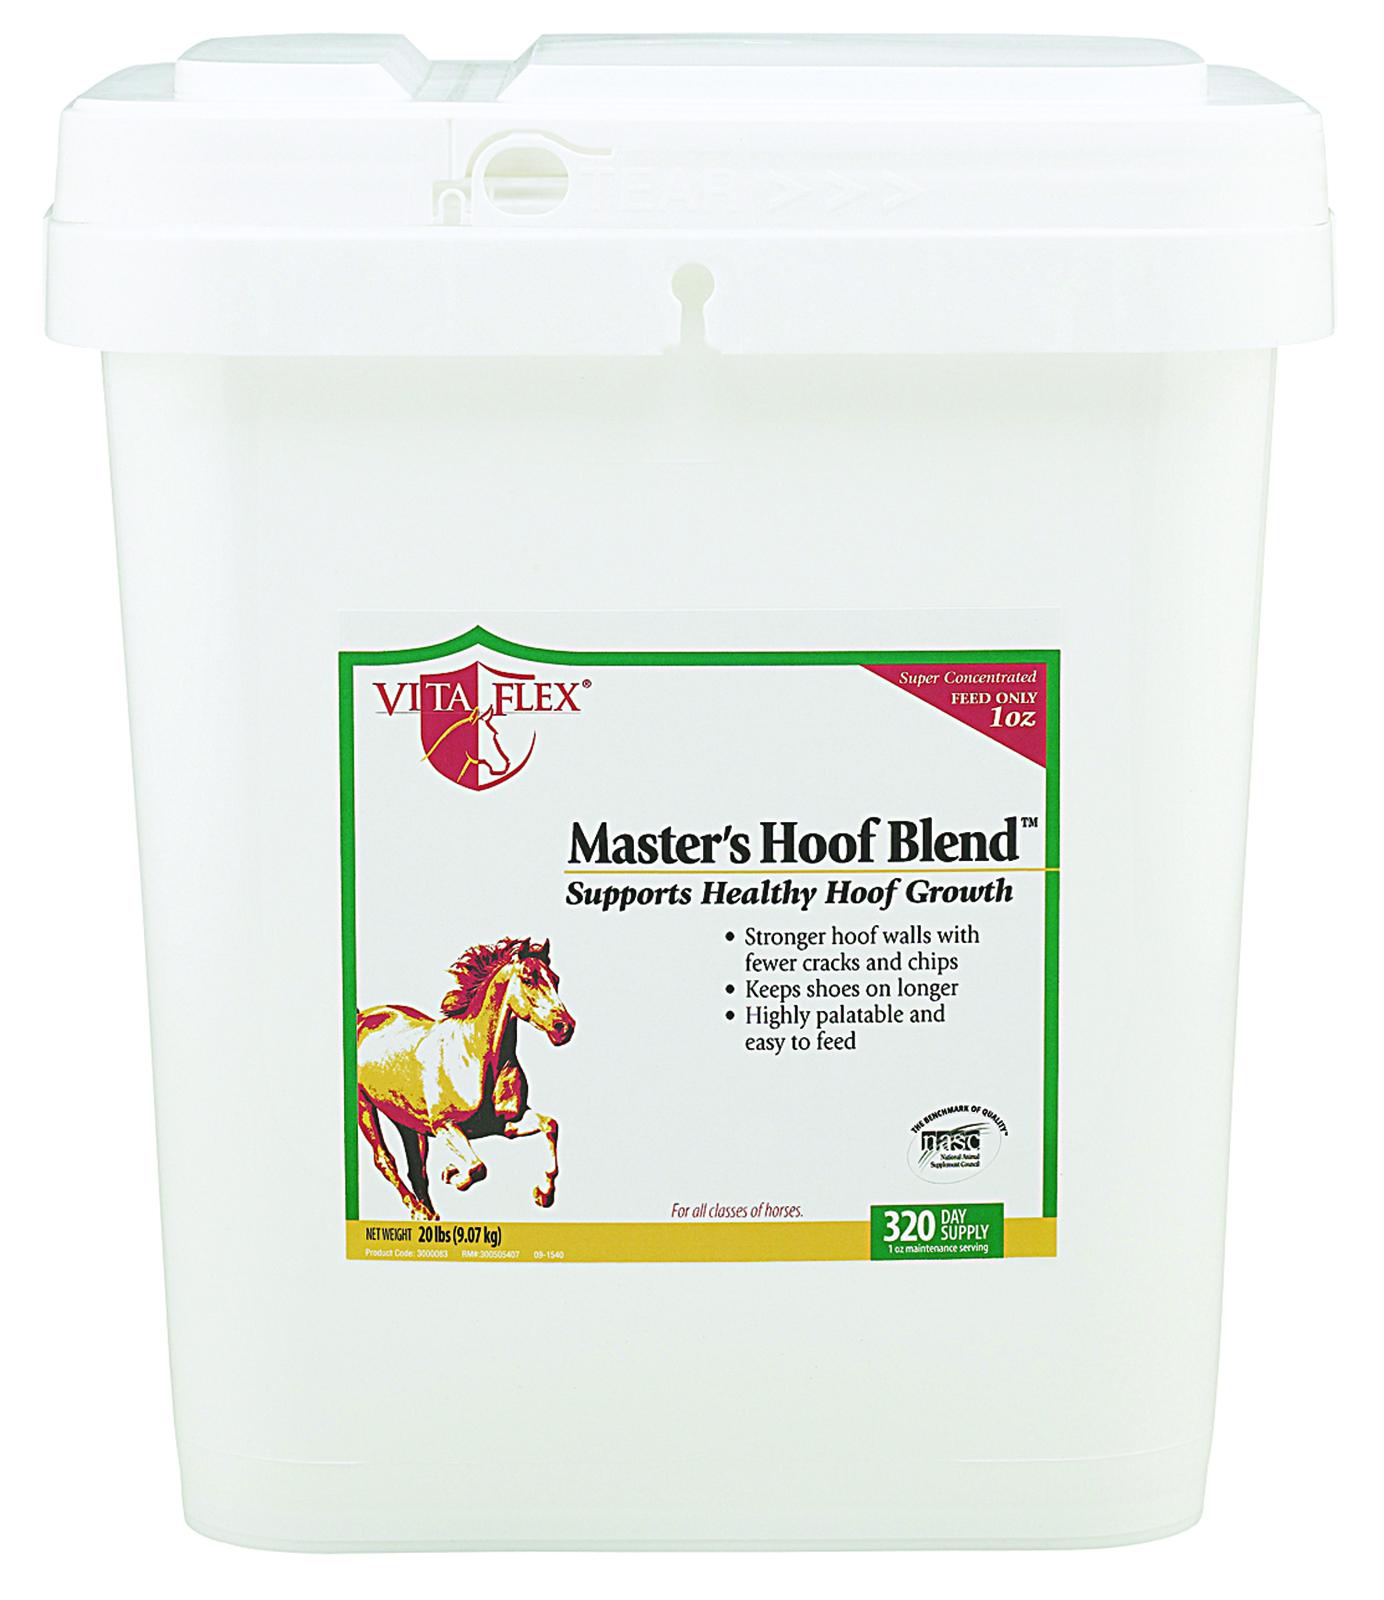 Masters Hoof Blend